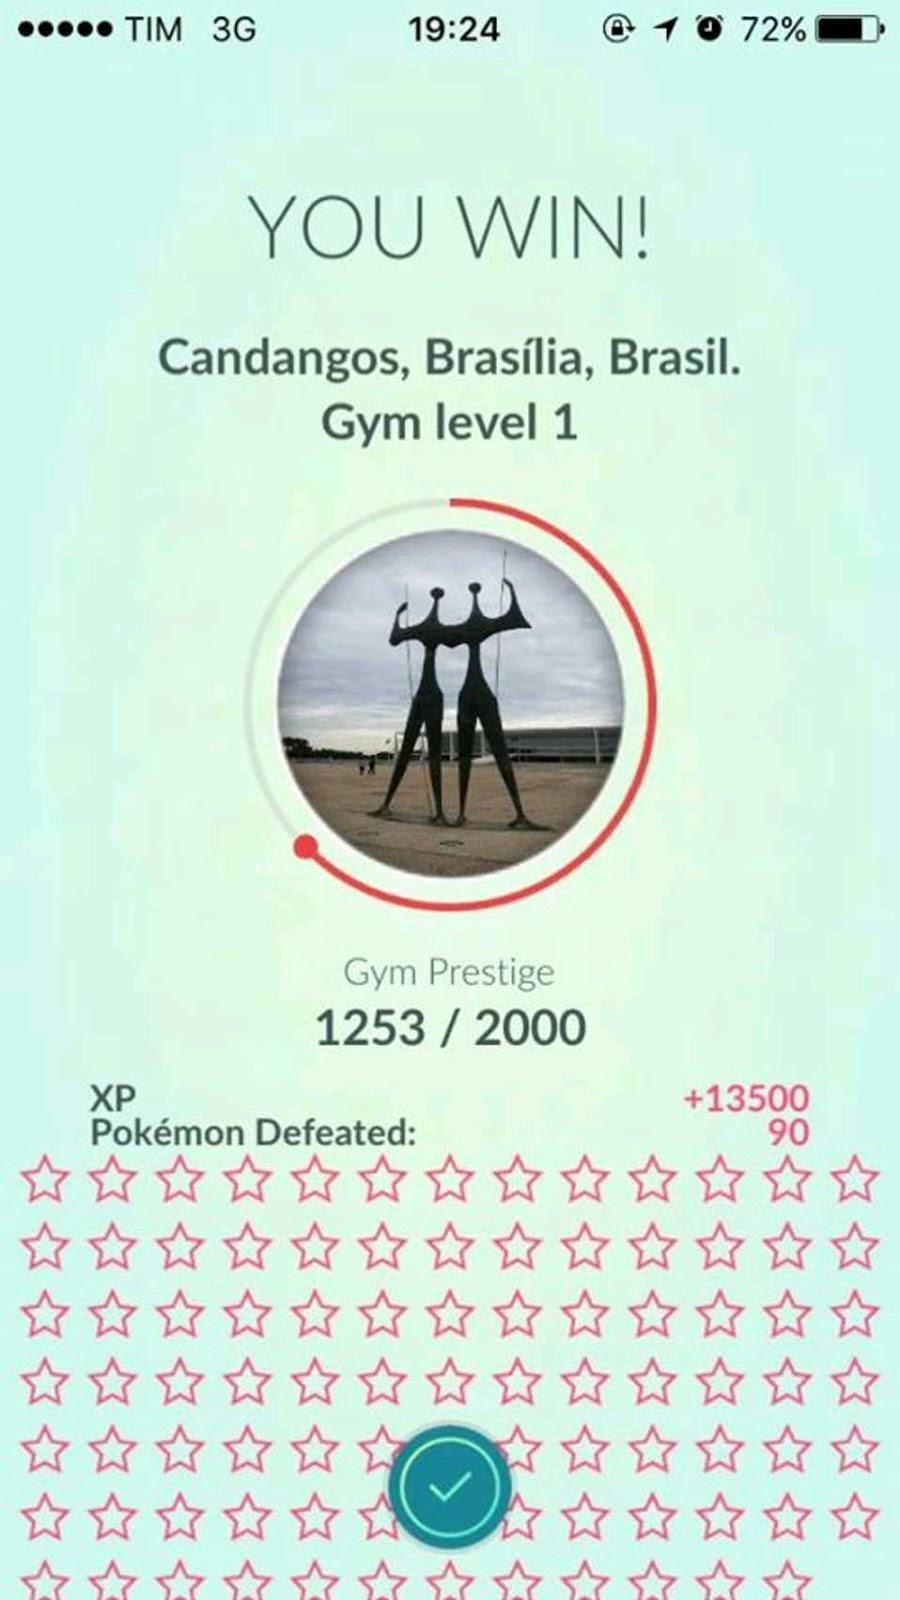 ¡Aparece truco de Pokémon GO para subir 13.500 XP de un sólo combate de gym!